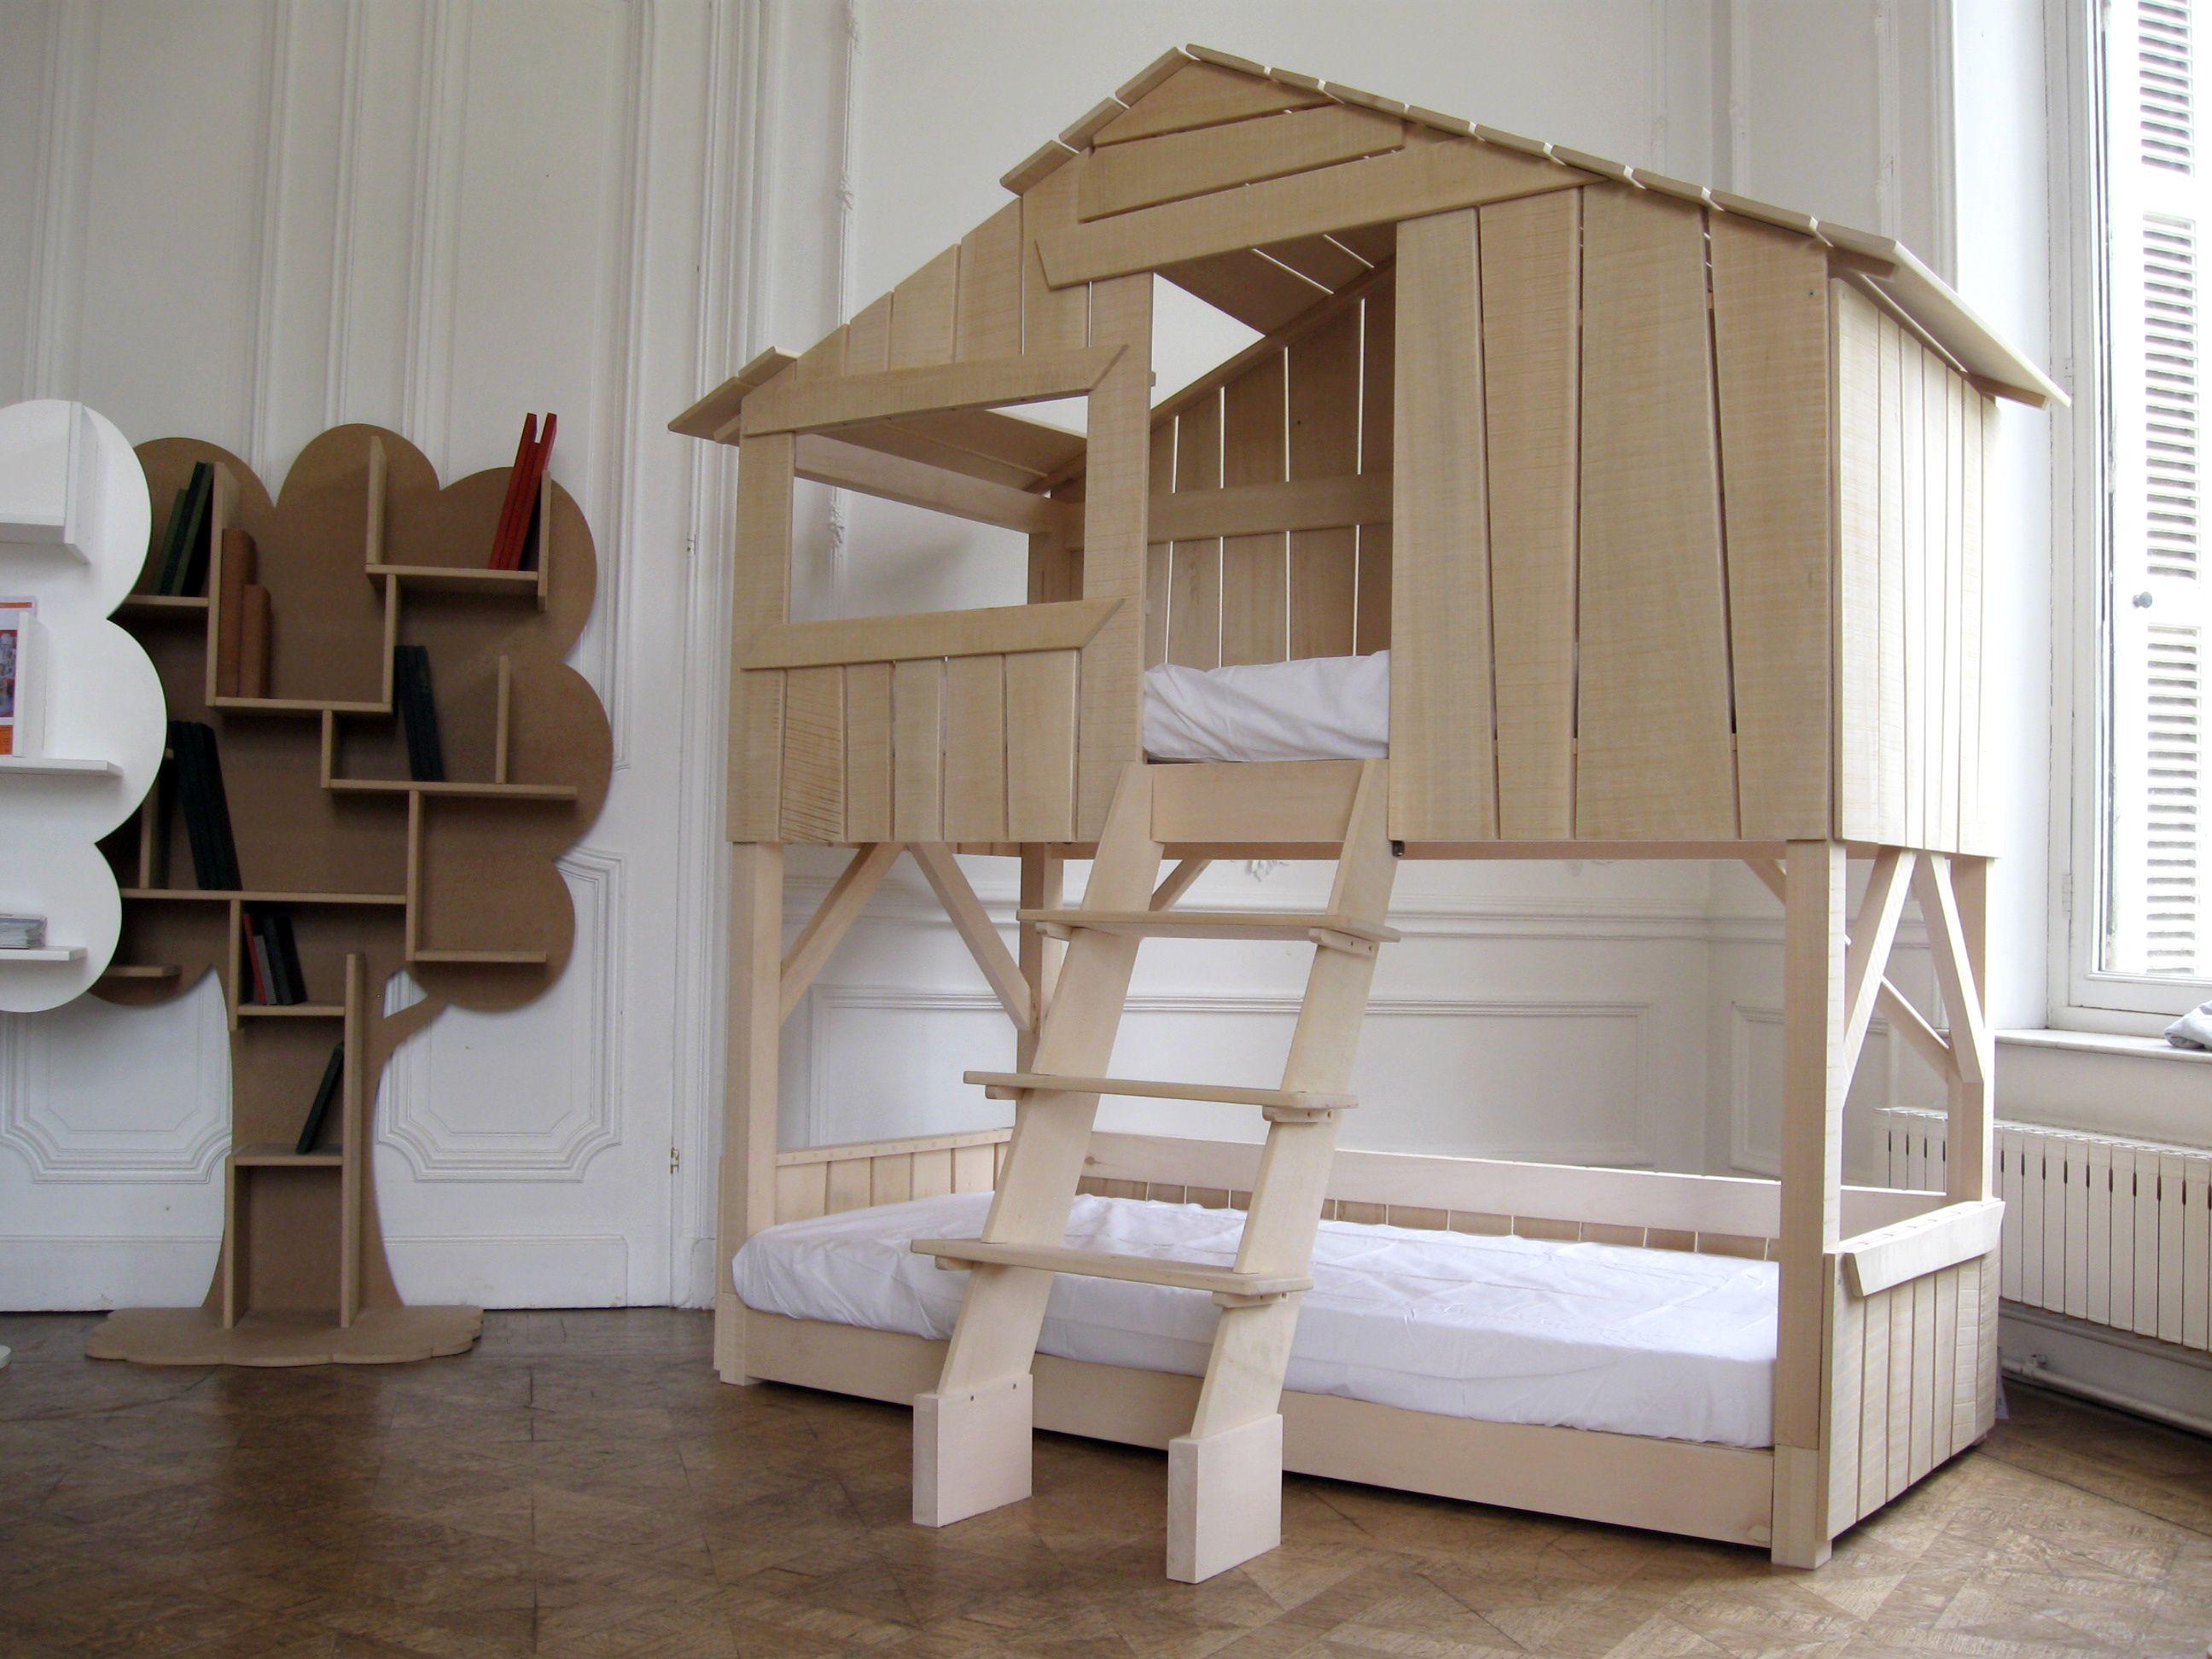 lit cabane double plus d 39 infos sur anders lits cr atifs pinterest chambres. Black Bedroom Furniture Sets. Home Design Ideas